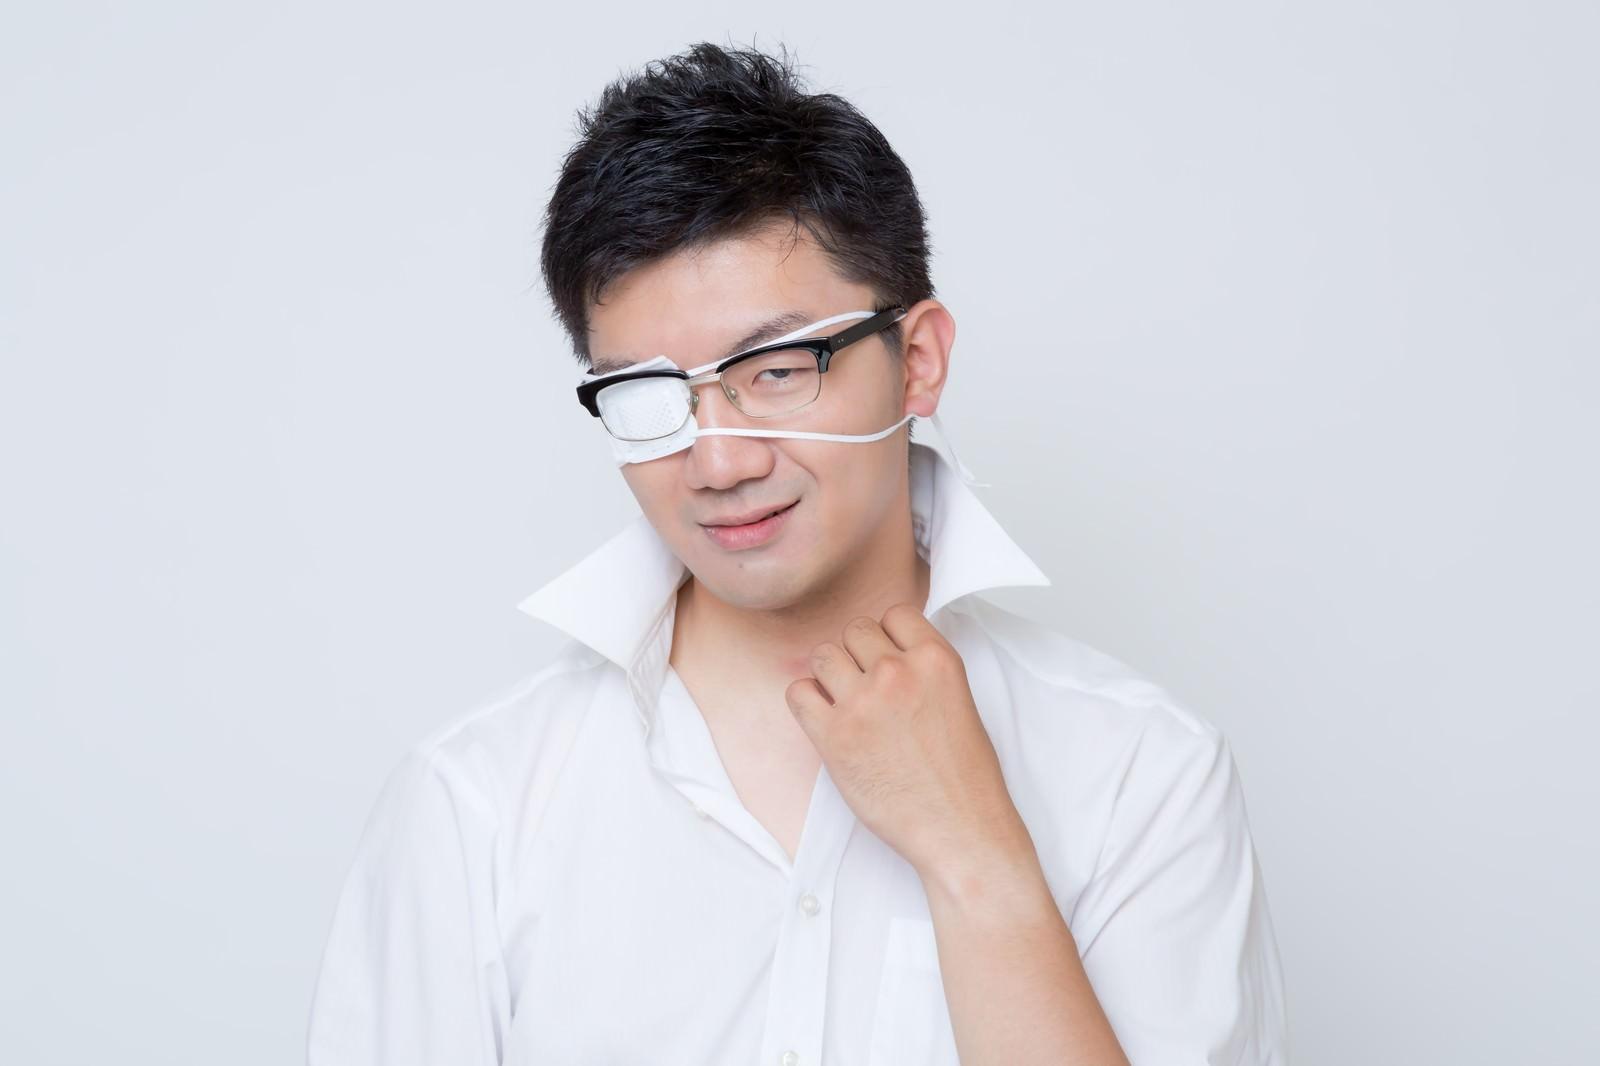 「「フッ・・それがお前の100%か・・・」と余裕を見せる眼帯をした会社員」の写真[モデル:OZPA]